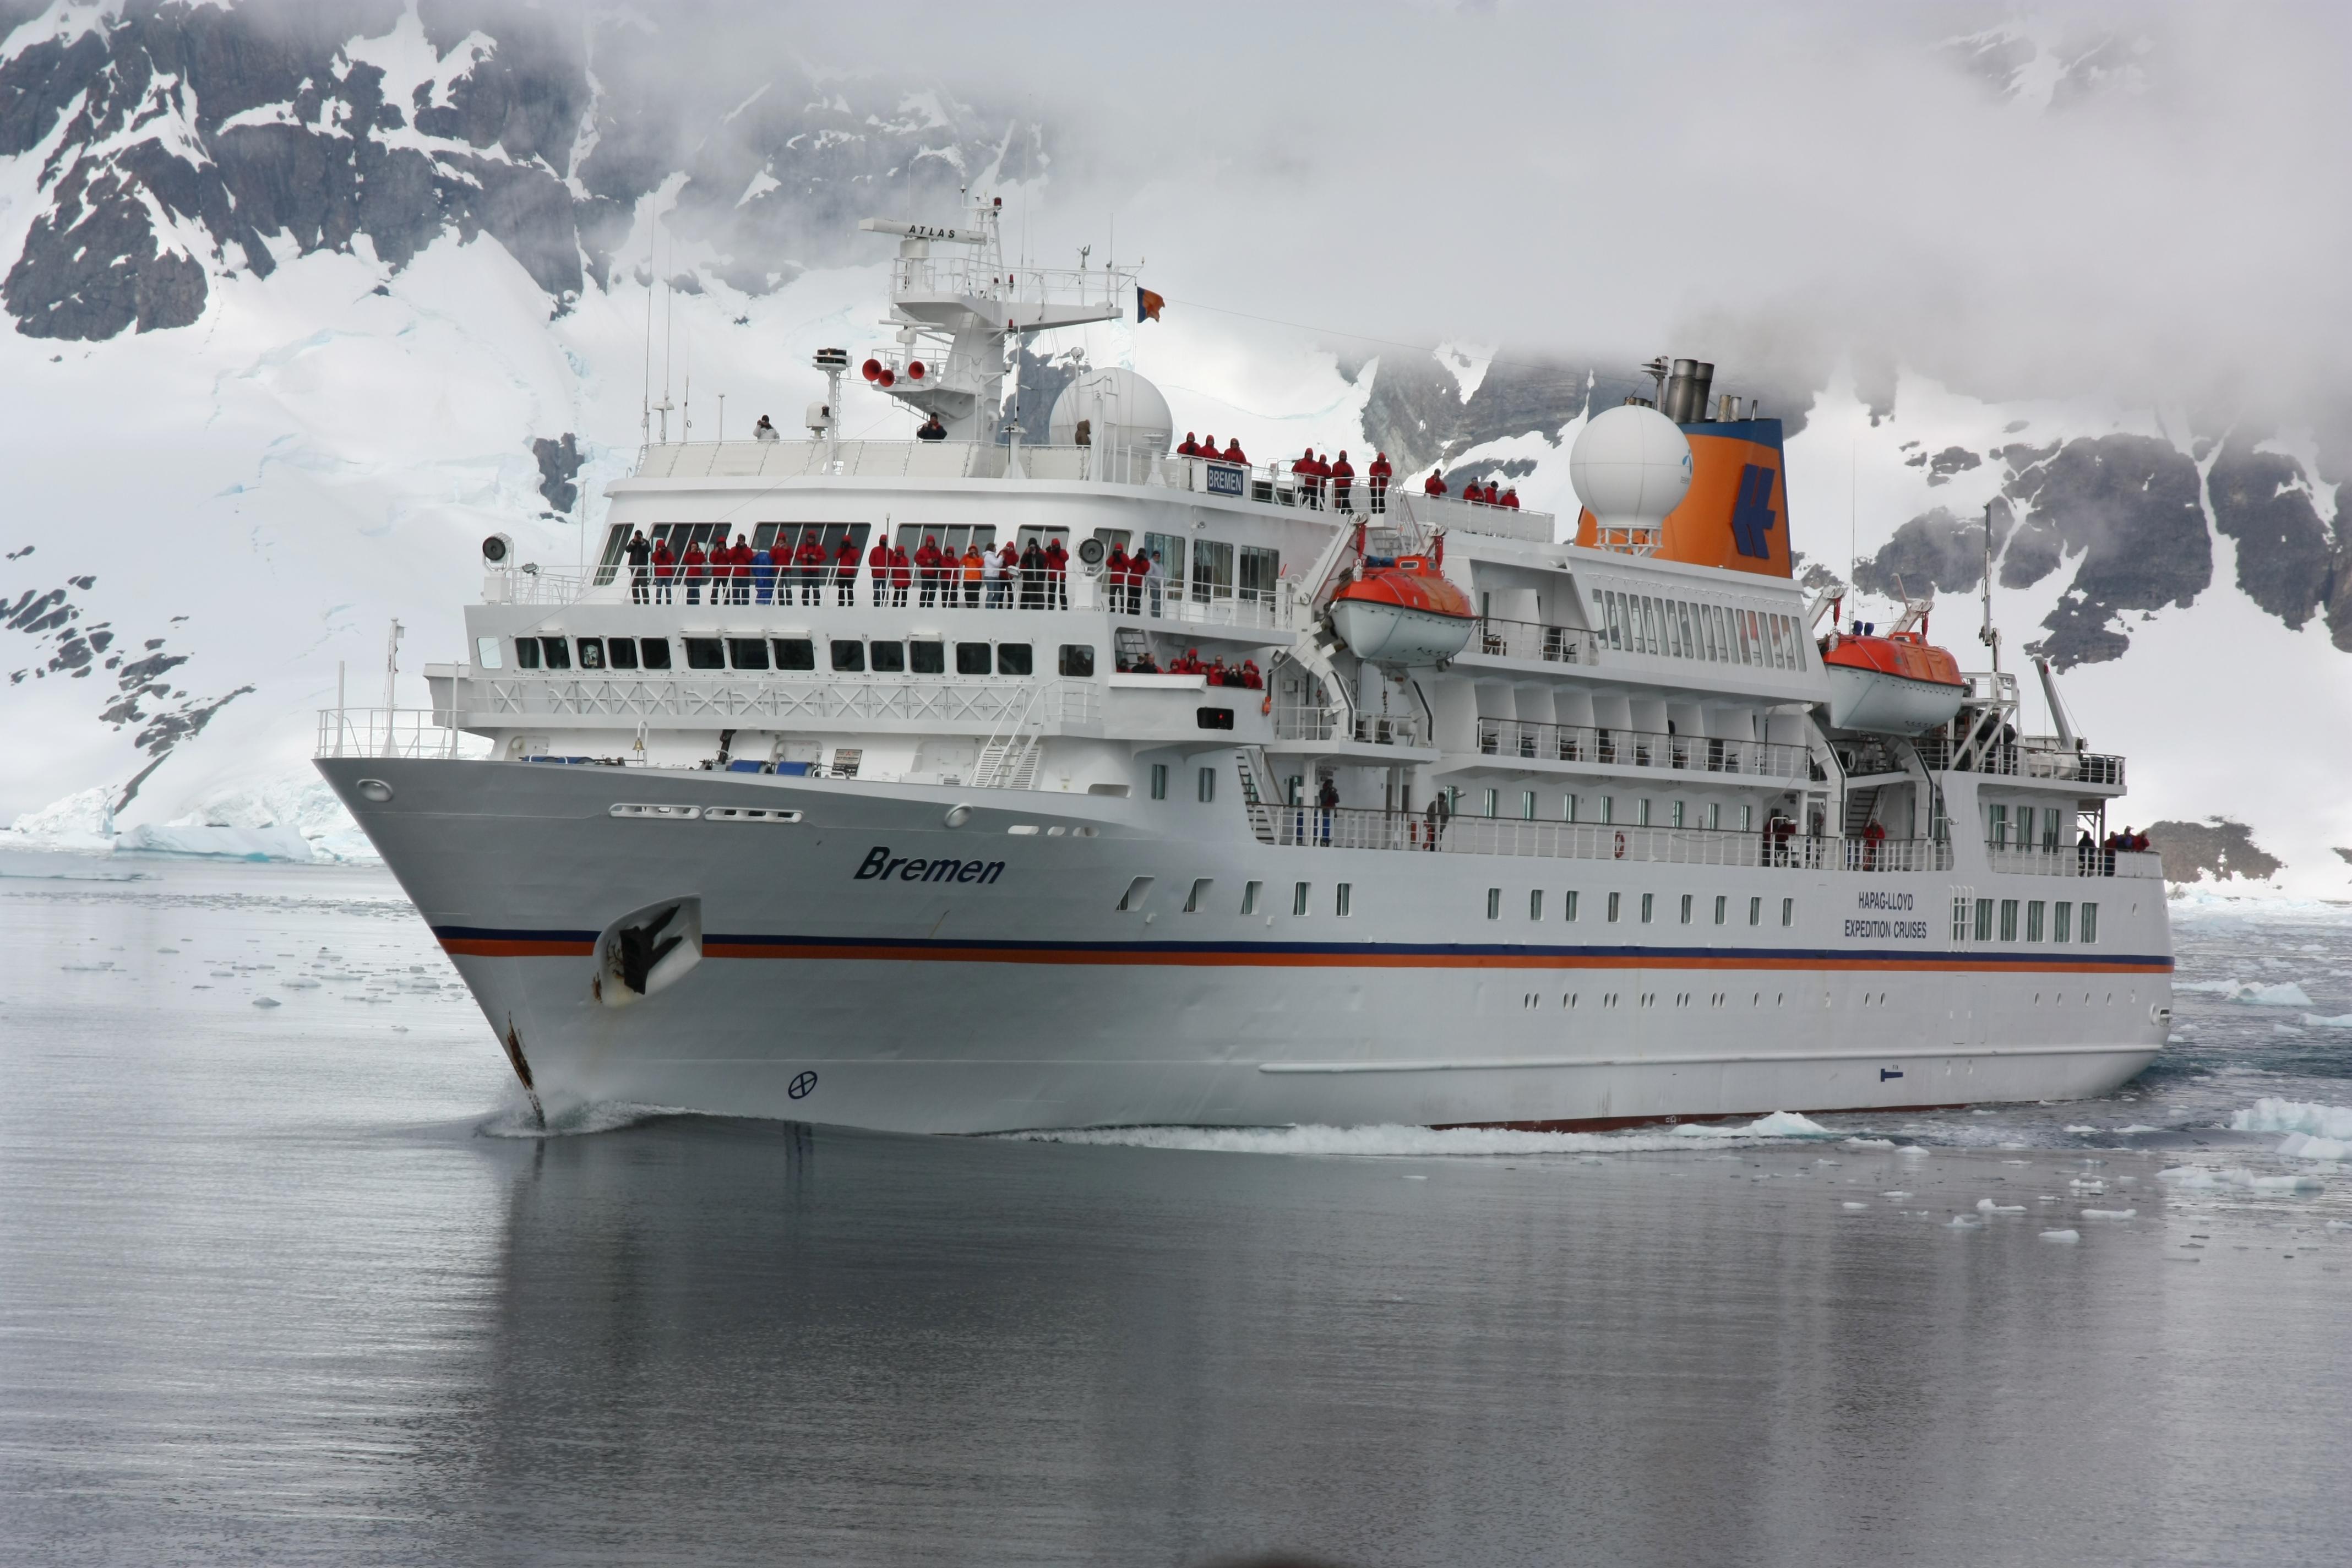 Das Kreuzfahrtschiff Bremen fährt durch antarktisches Gewässer. Hinter ihr ragt eine steile schneebedeckte Felswand auf. Die Wolken hängen sehr tief. Auf dem Schiff stehen Menschen in Kälteschutzanzügen.